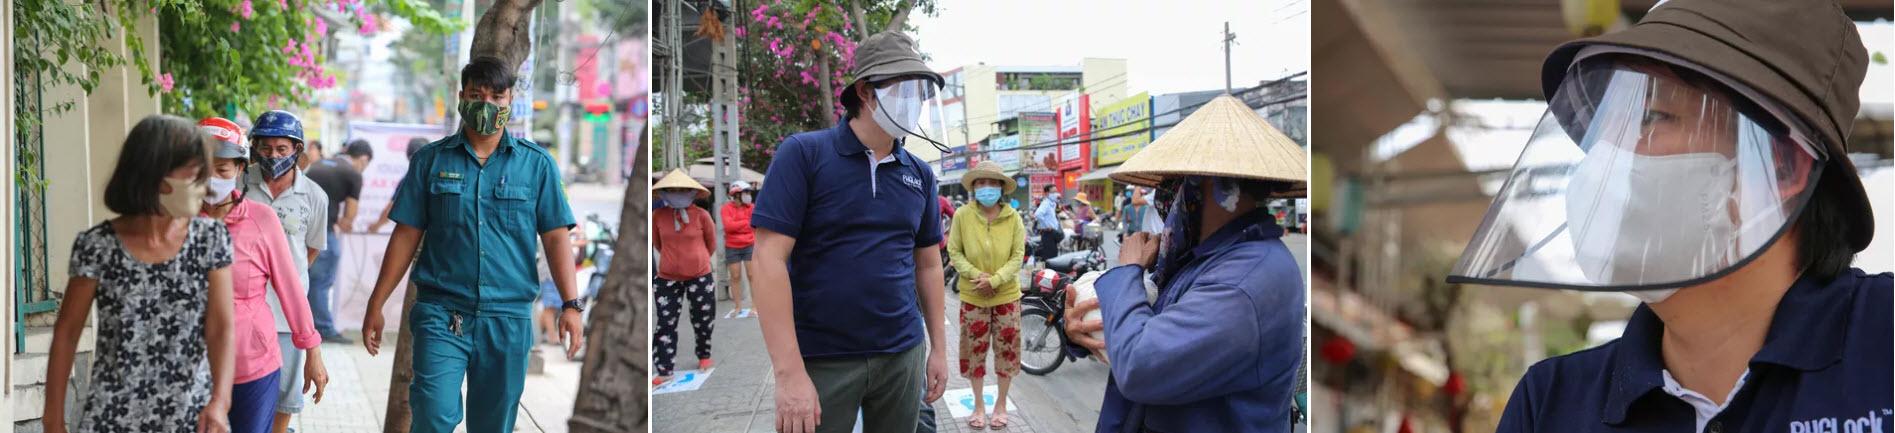 """[eMagazine] """"Bí mật"""" của Hoàng Tuấn Anh - ông chủ """"ATM gạo"""" từ thiện đình đám - 3"""